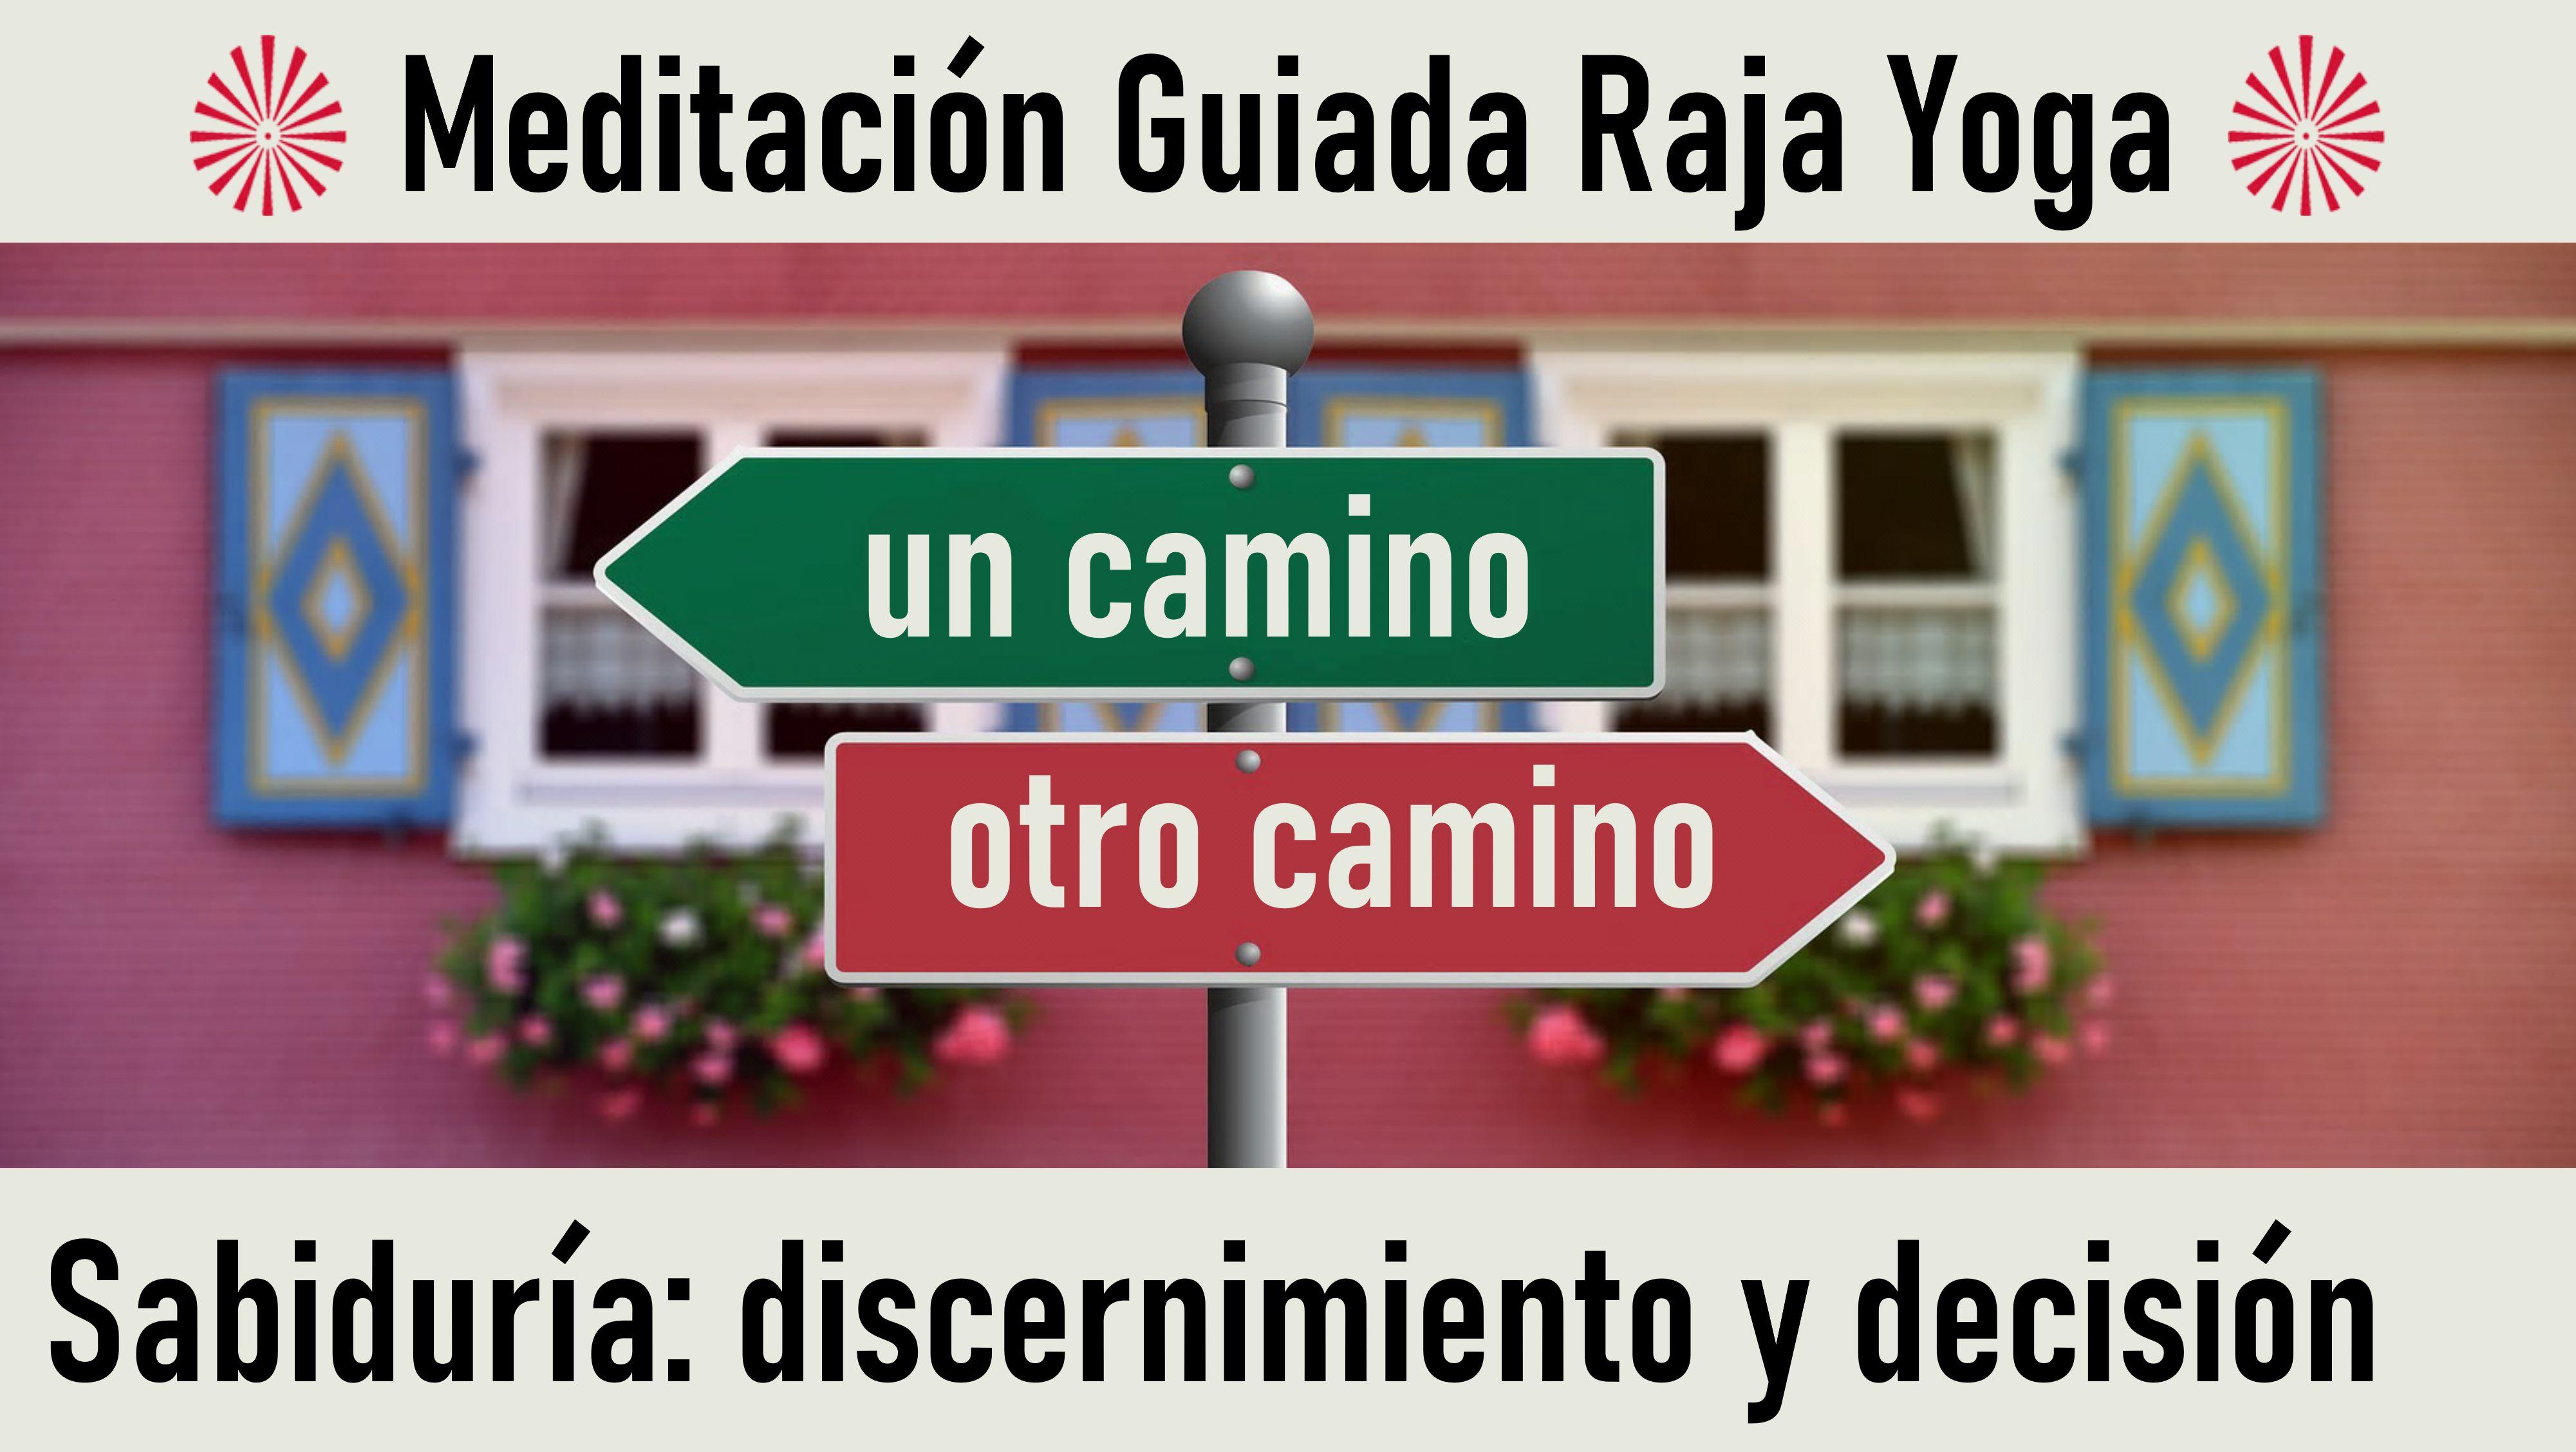 20 Mayo 2020 Meditación Guiada: Sabiduría  discernimiento y decisión